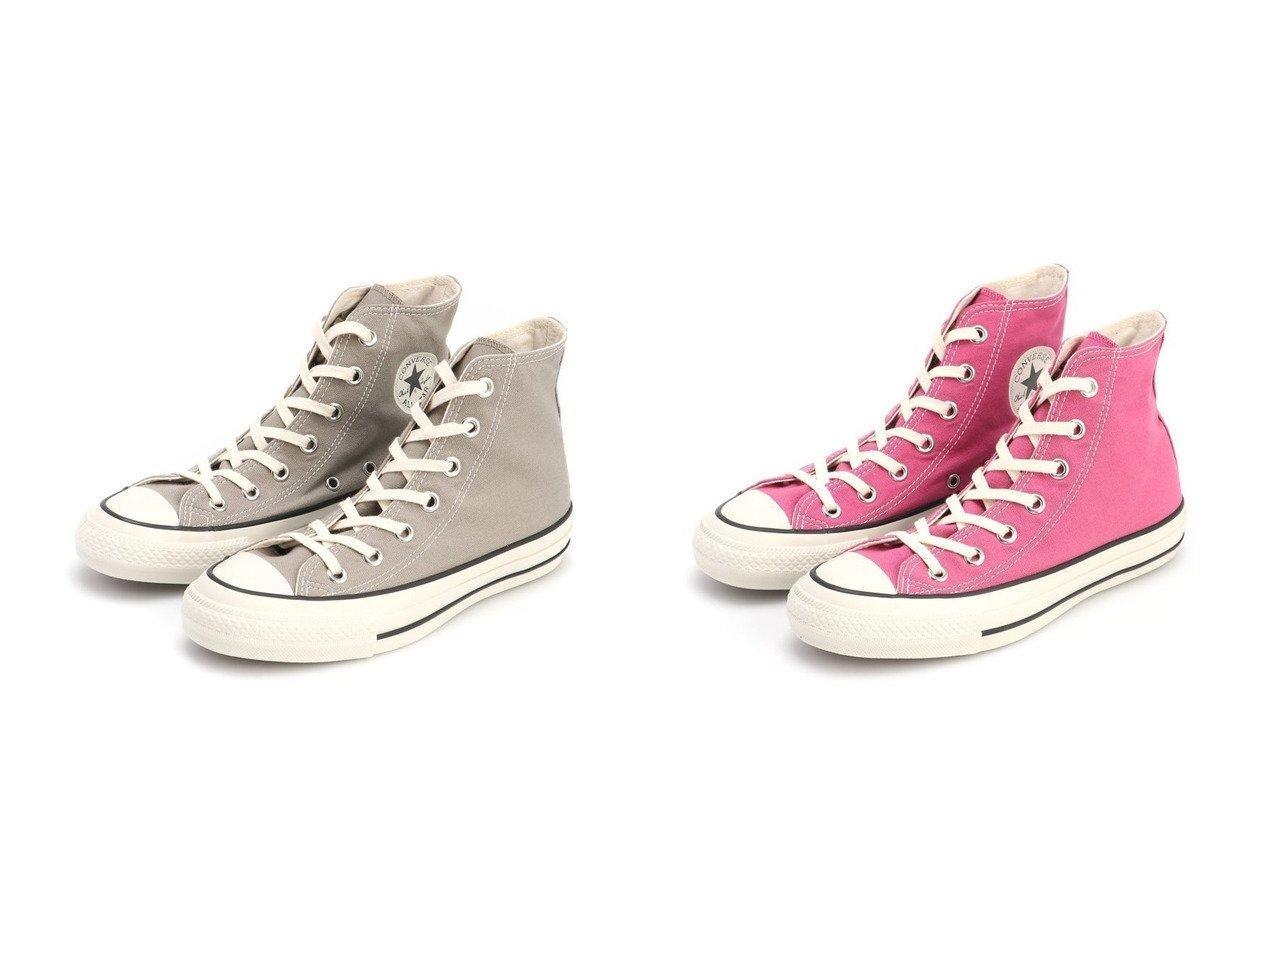 【CONVERSE/コンバース】のCONVERSE ALL STAR FOODTEXTILE HI シューズ・靴のおすすめ!人気、トレンド・レディースファッションの通販  おすすめで人気の流行・トレンド、ファッションの通販商品 メンズファッション・キッズファッション・インテリア・家具・レディースファッション・服の通販 founy(ファニー) https://founy.com/ ファッション Fashion レディースファッション WOMEN インソール シューズ スニーカー スプリング スリッポン ラバー A/W 秋冬 AW Autumn/Winter / FW Fall-Winter 2020年 2020 2020-2021 秋冬 A/W AW Autumn/Winter / FW Fall-Winter 2020-2021  ID:crp329100000015625